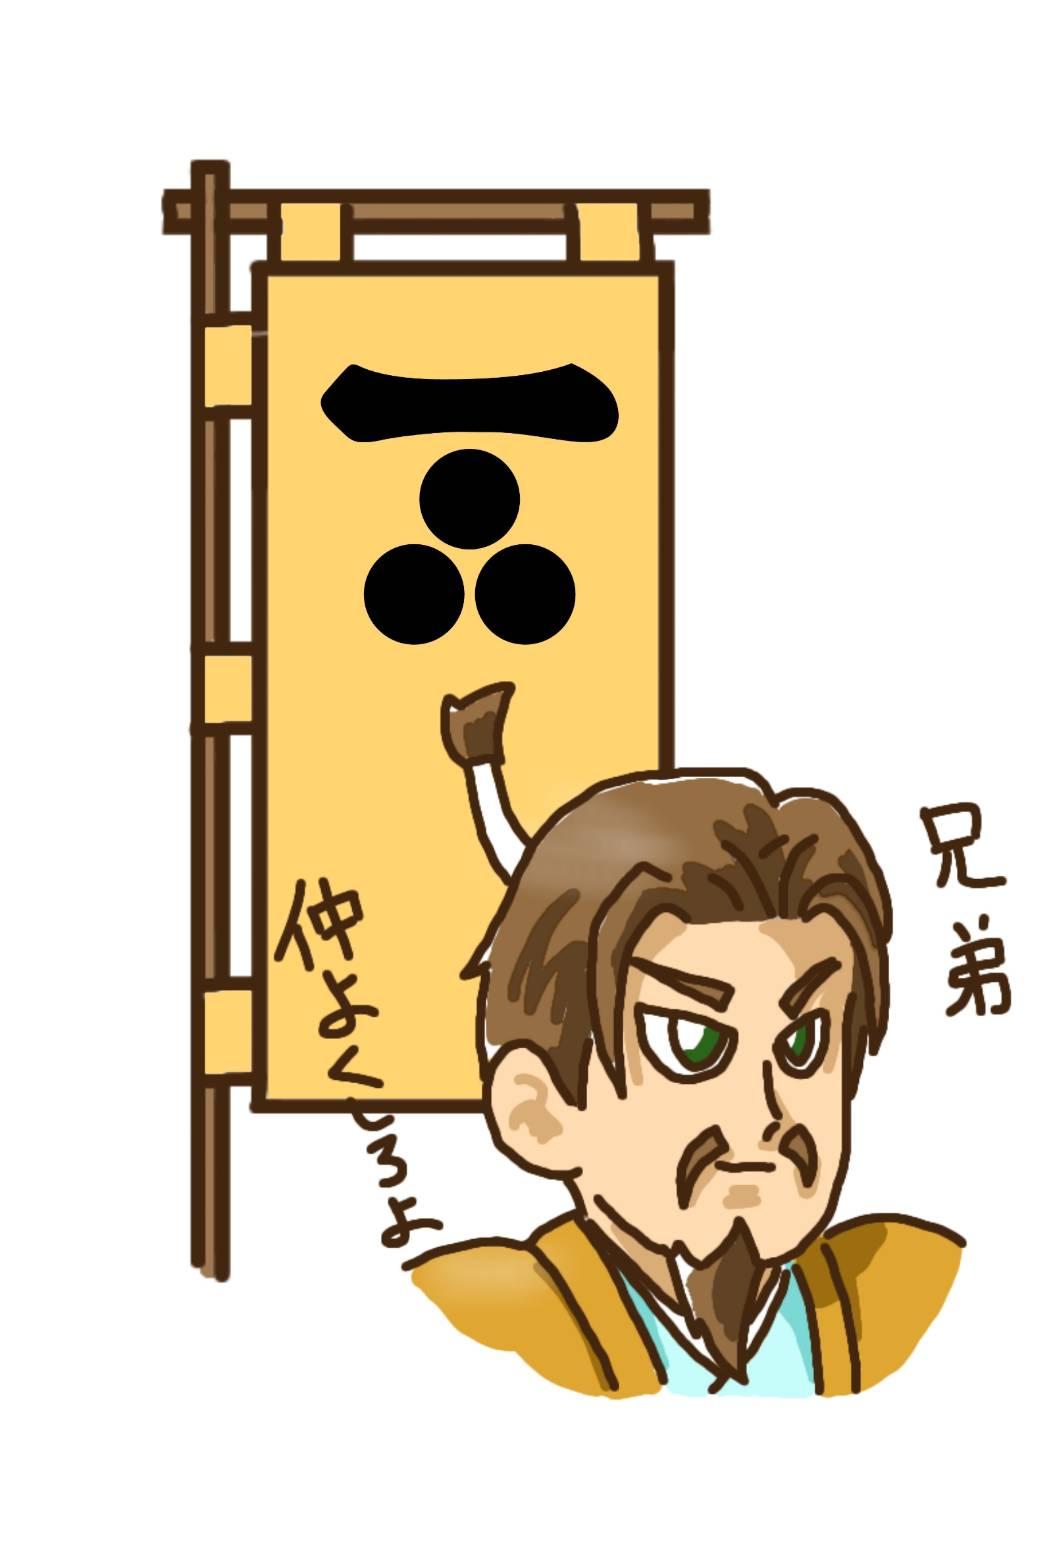 真田幸村の六文銭の意味は?旗を見ればモットーが分かる!【歴史教養クイズ】の画像19